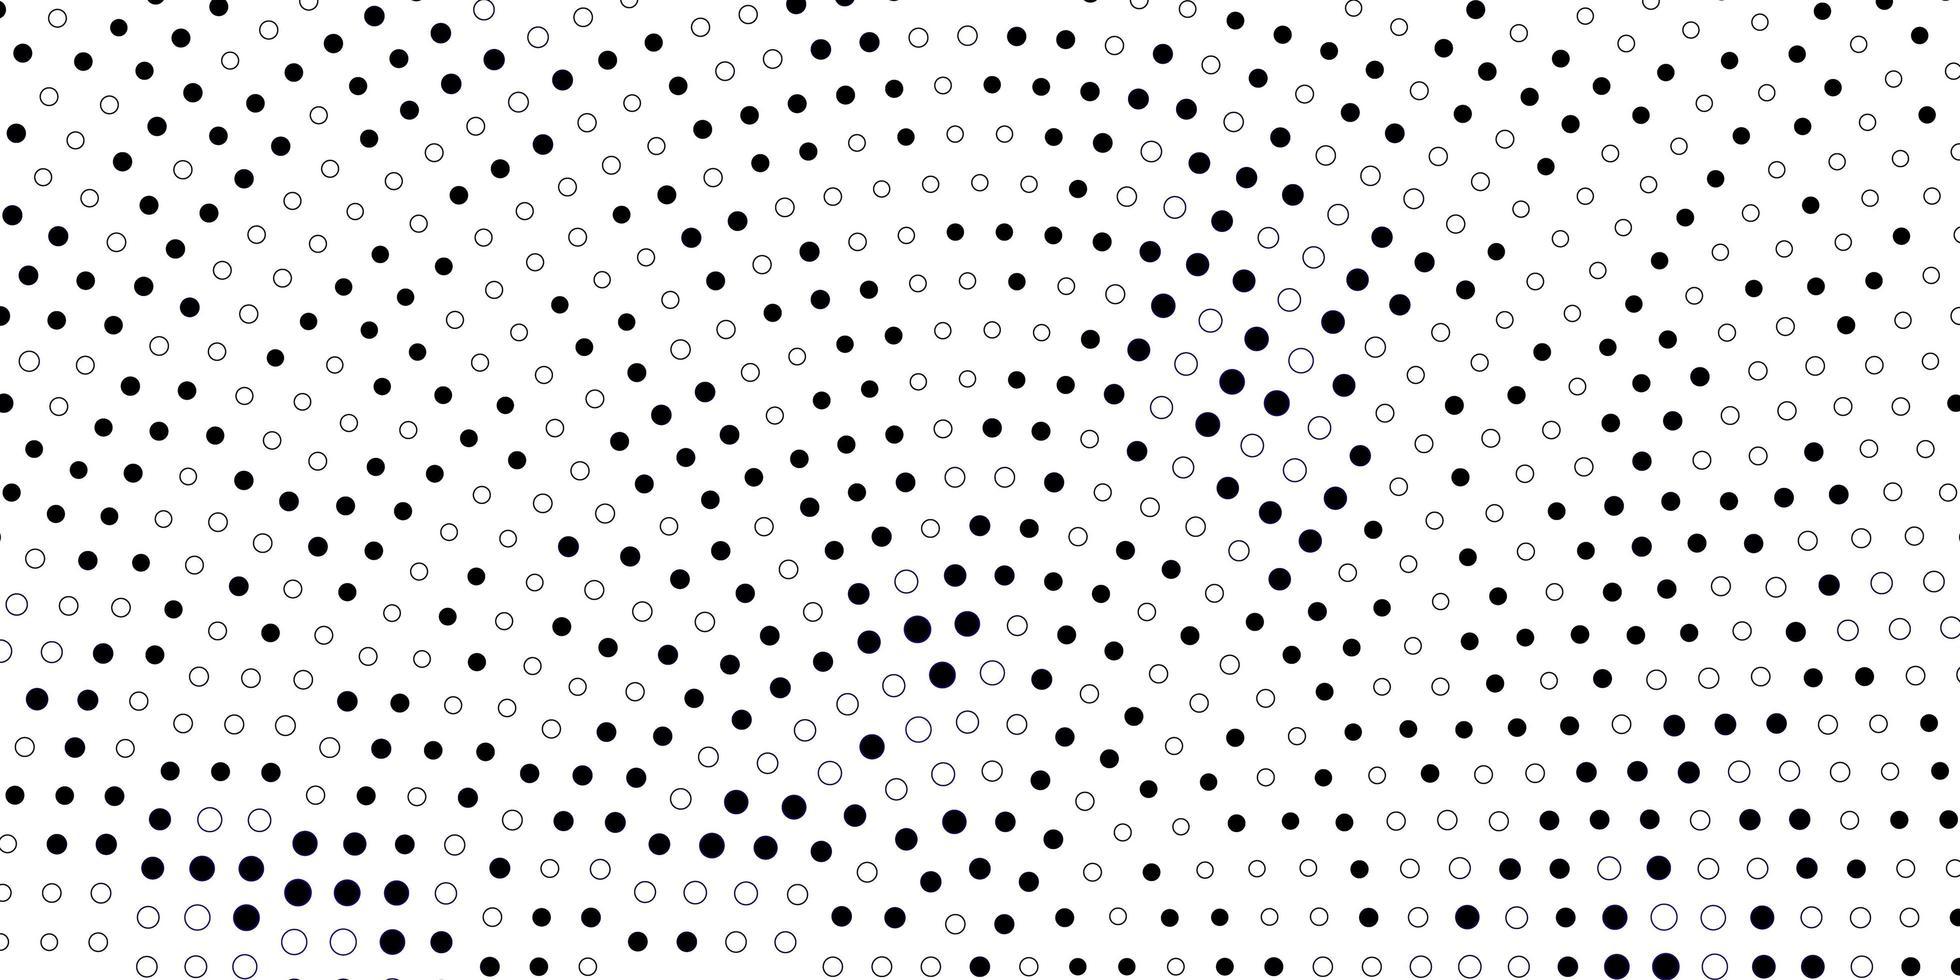 dunkelvioletter Vektorhintergrund mit Punkten. vektor